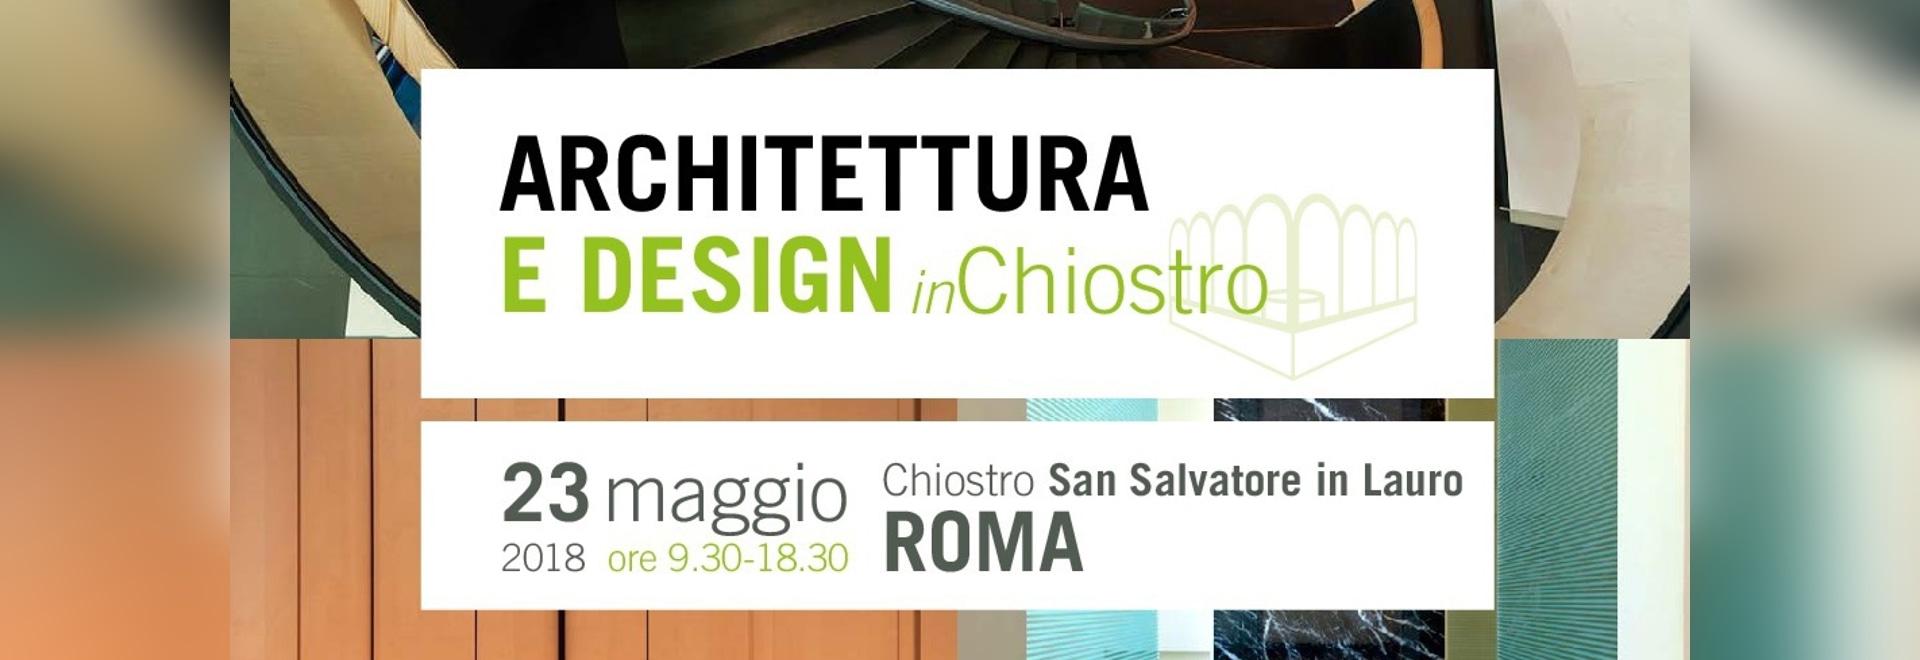 Event: Architettura e design in chiostro 2018